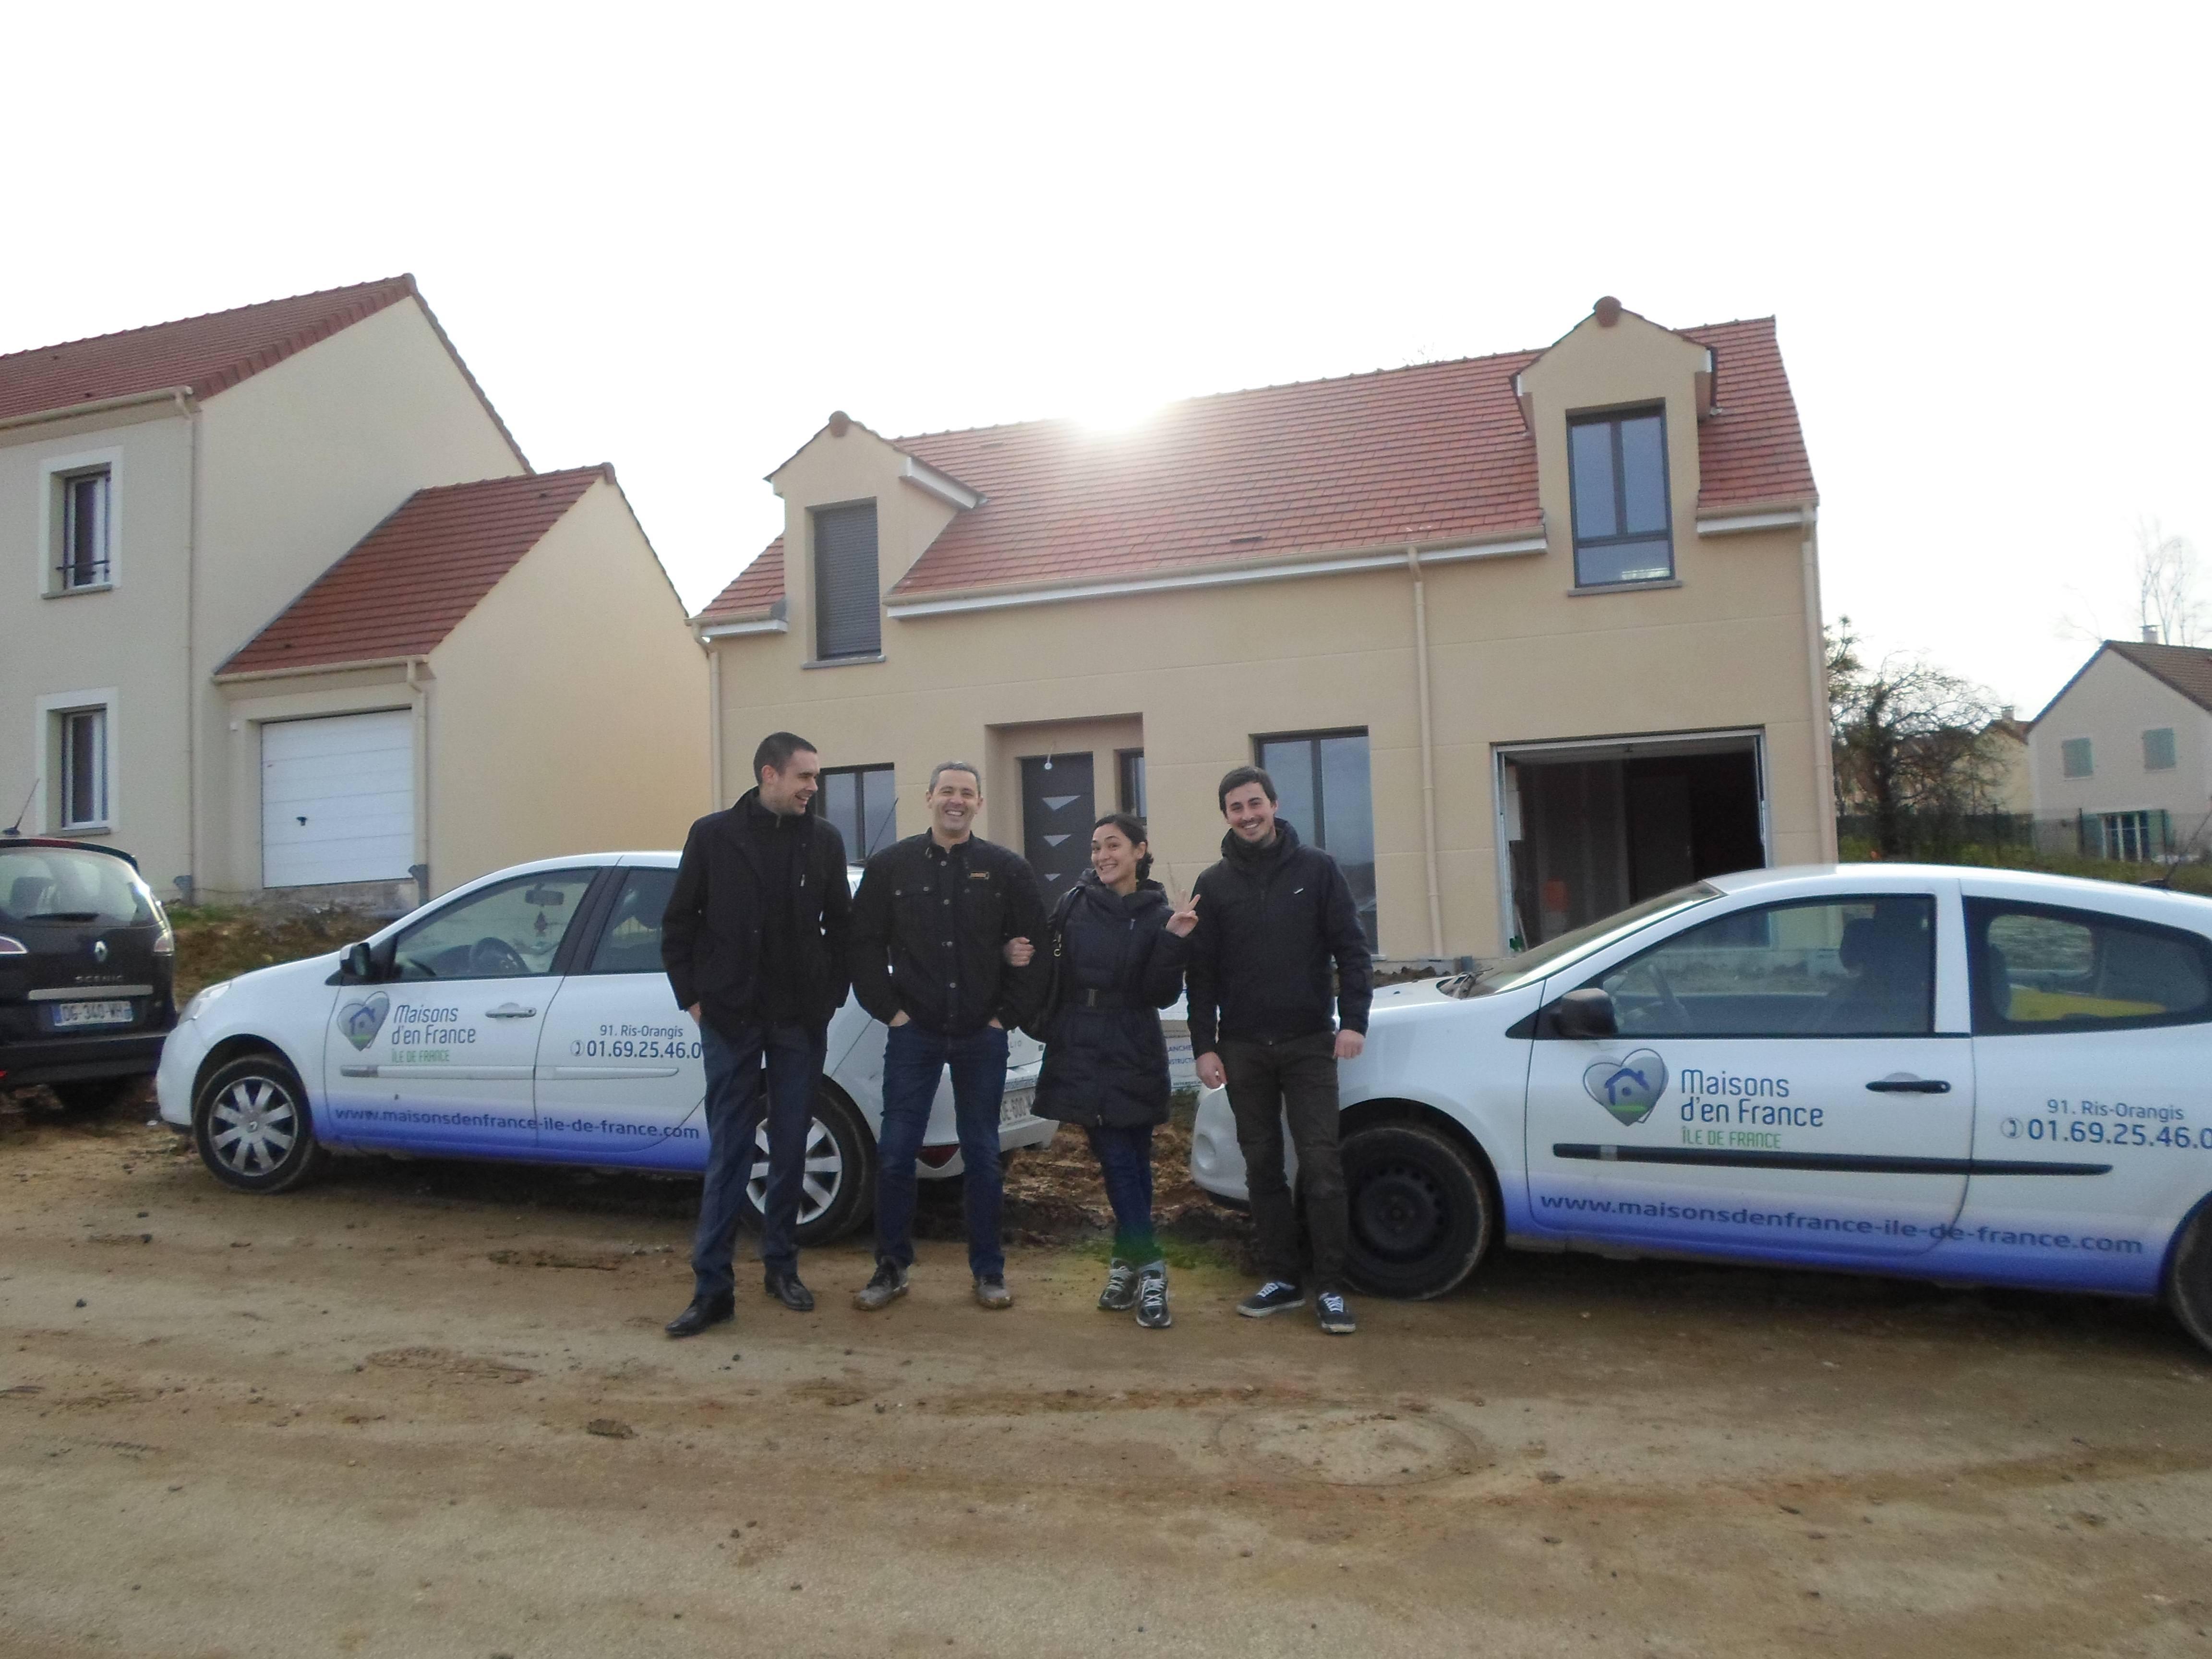 Livraison d 39 une maison morainvilliers 78 maisons d for Village domexpo 91